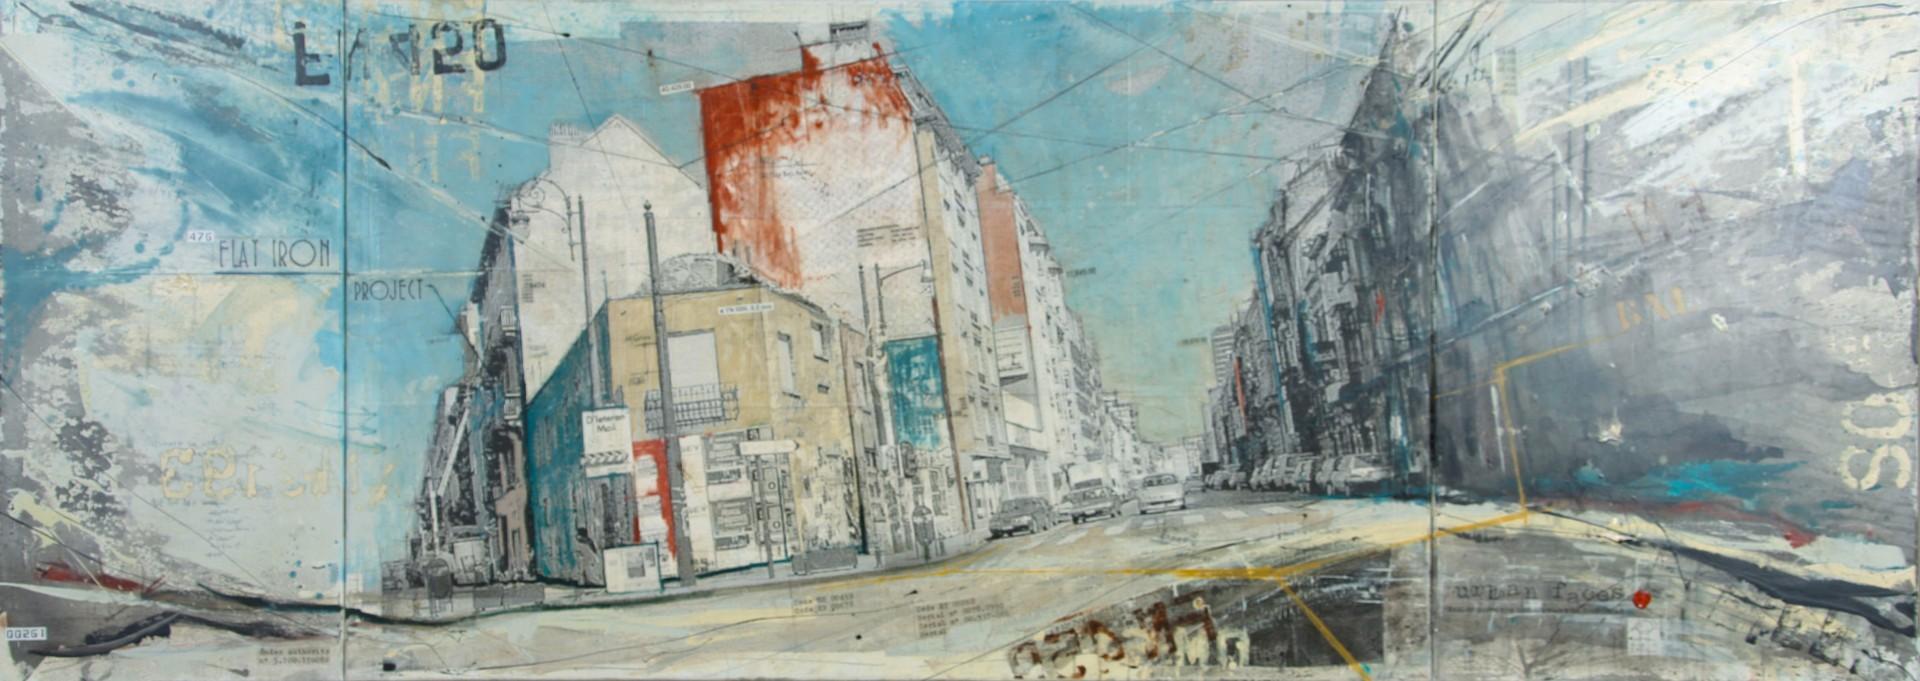 Urban Faces - Bruxelles (B) - collage photo, huile, acrylique sur toile - 100 x 280 cm - 2009